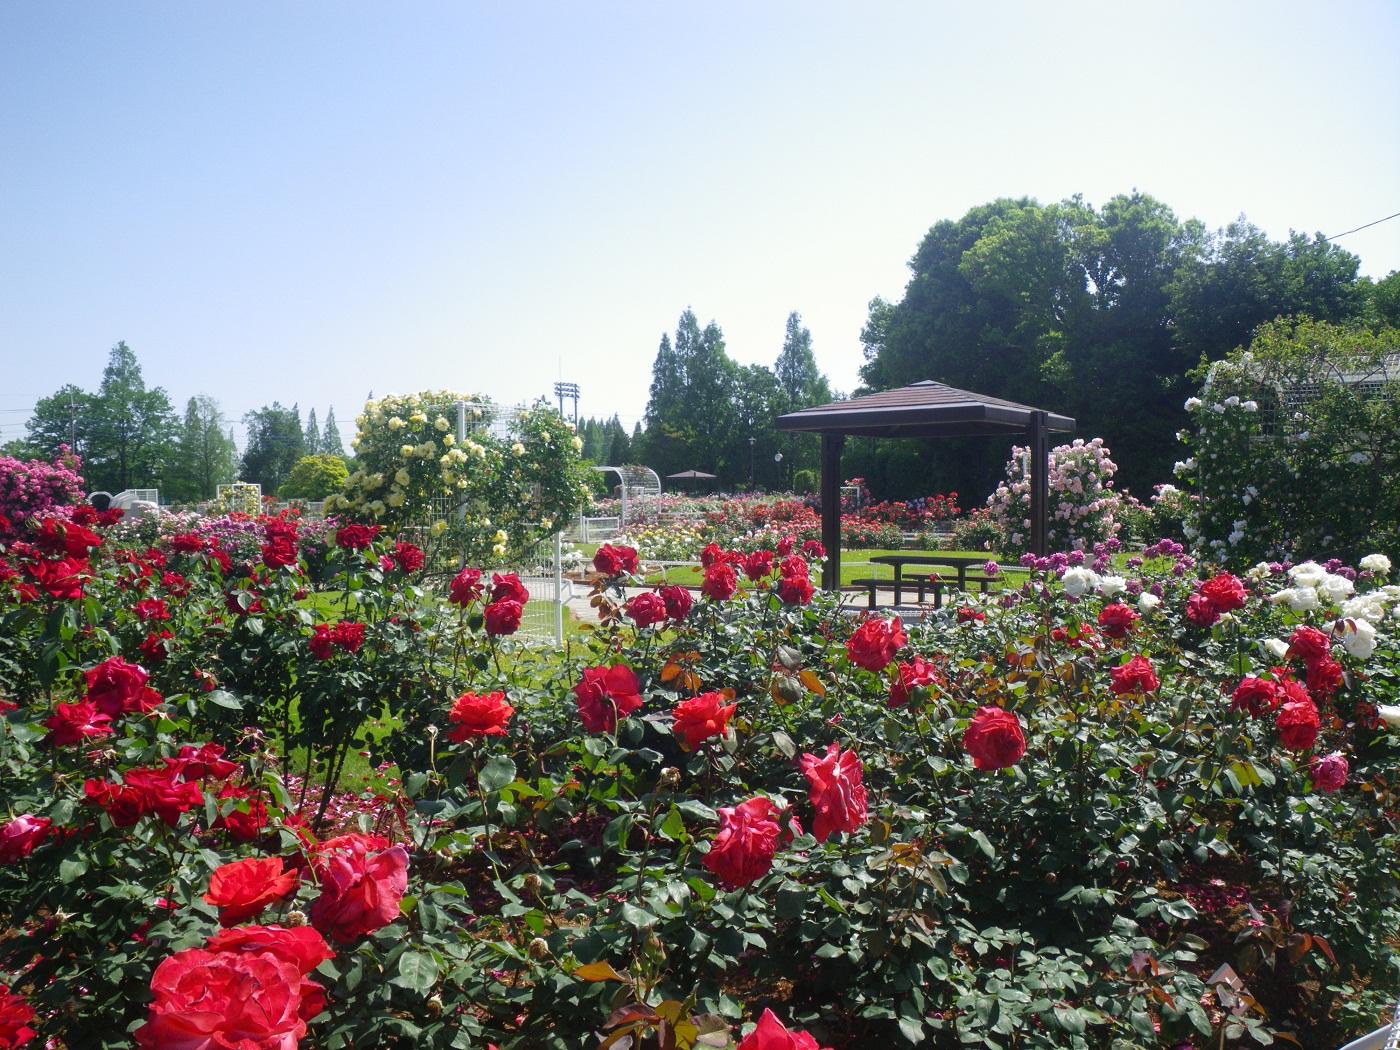 埼玉県伊奈町にある伊奈町制施行記念公園は、野球場・テニスコート・キャンプ場などを備えた大規模公園です。その園内にあるバラ園には、約1.2ヘクタールの敷地に300種4,800株を超えるバラが植えられているというから驚きの数ですね。アーチやフェンスなどを利用して立体的に造成されたバラ園は、ボリューム感たっぷりです!